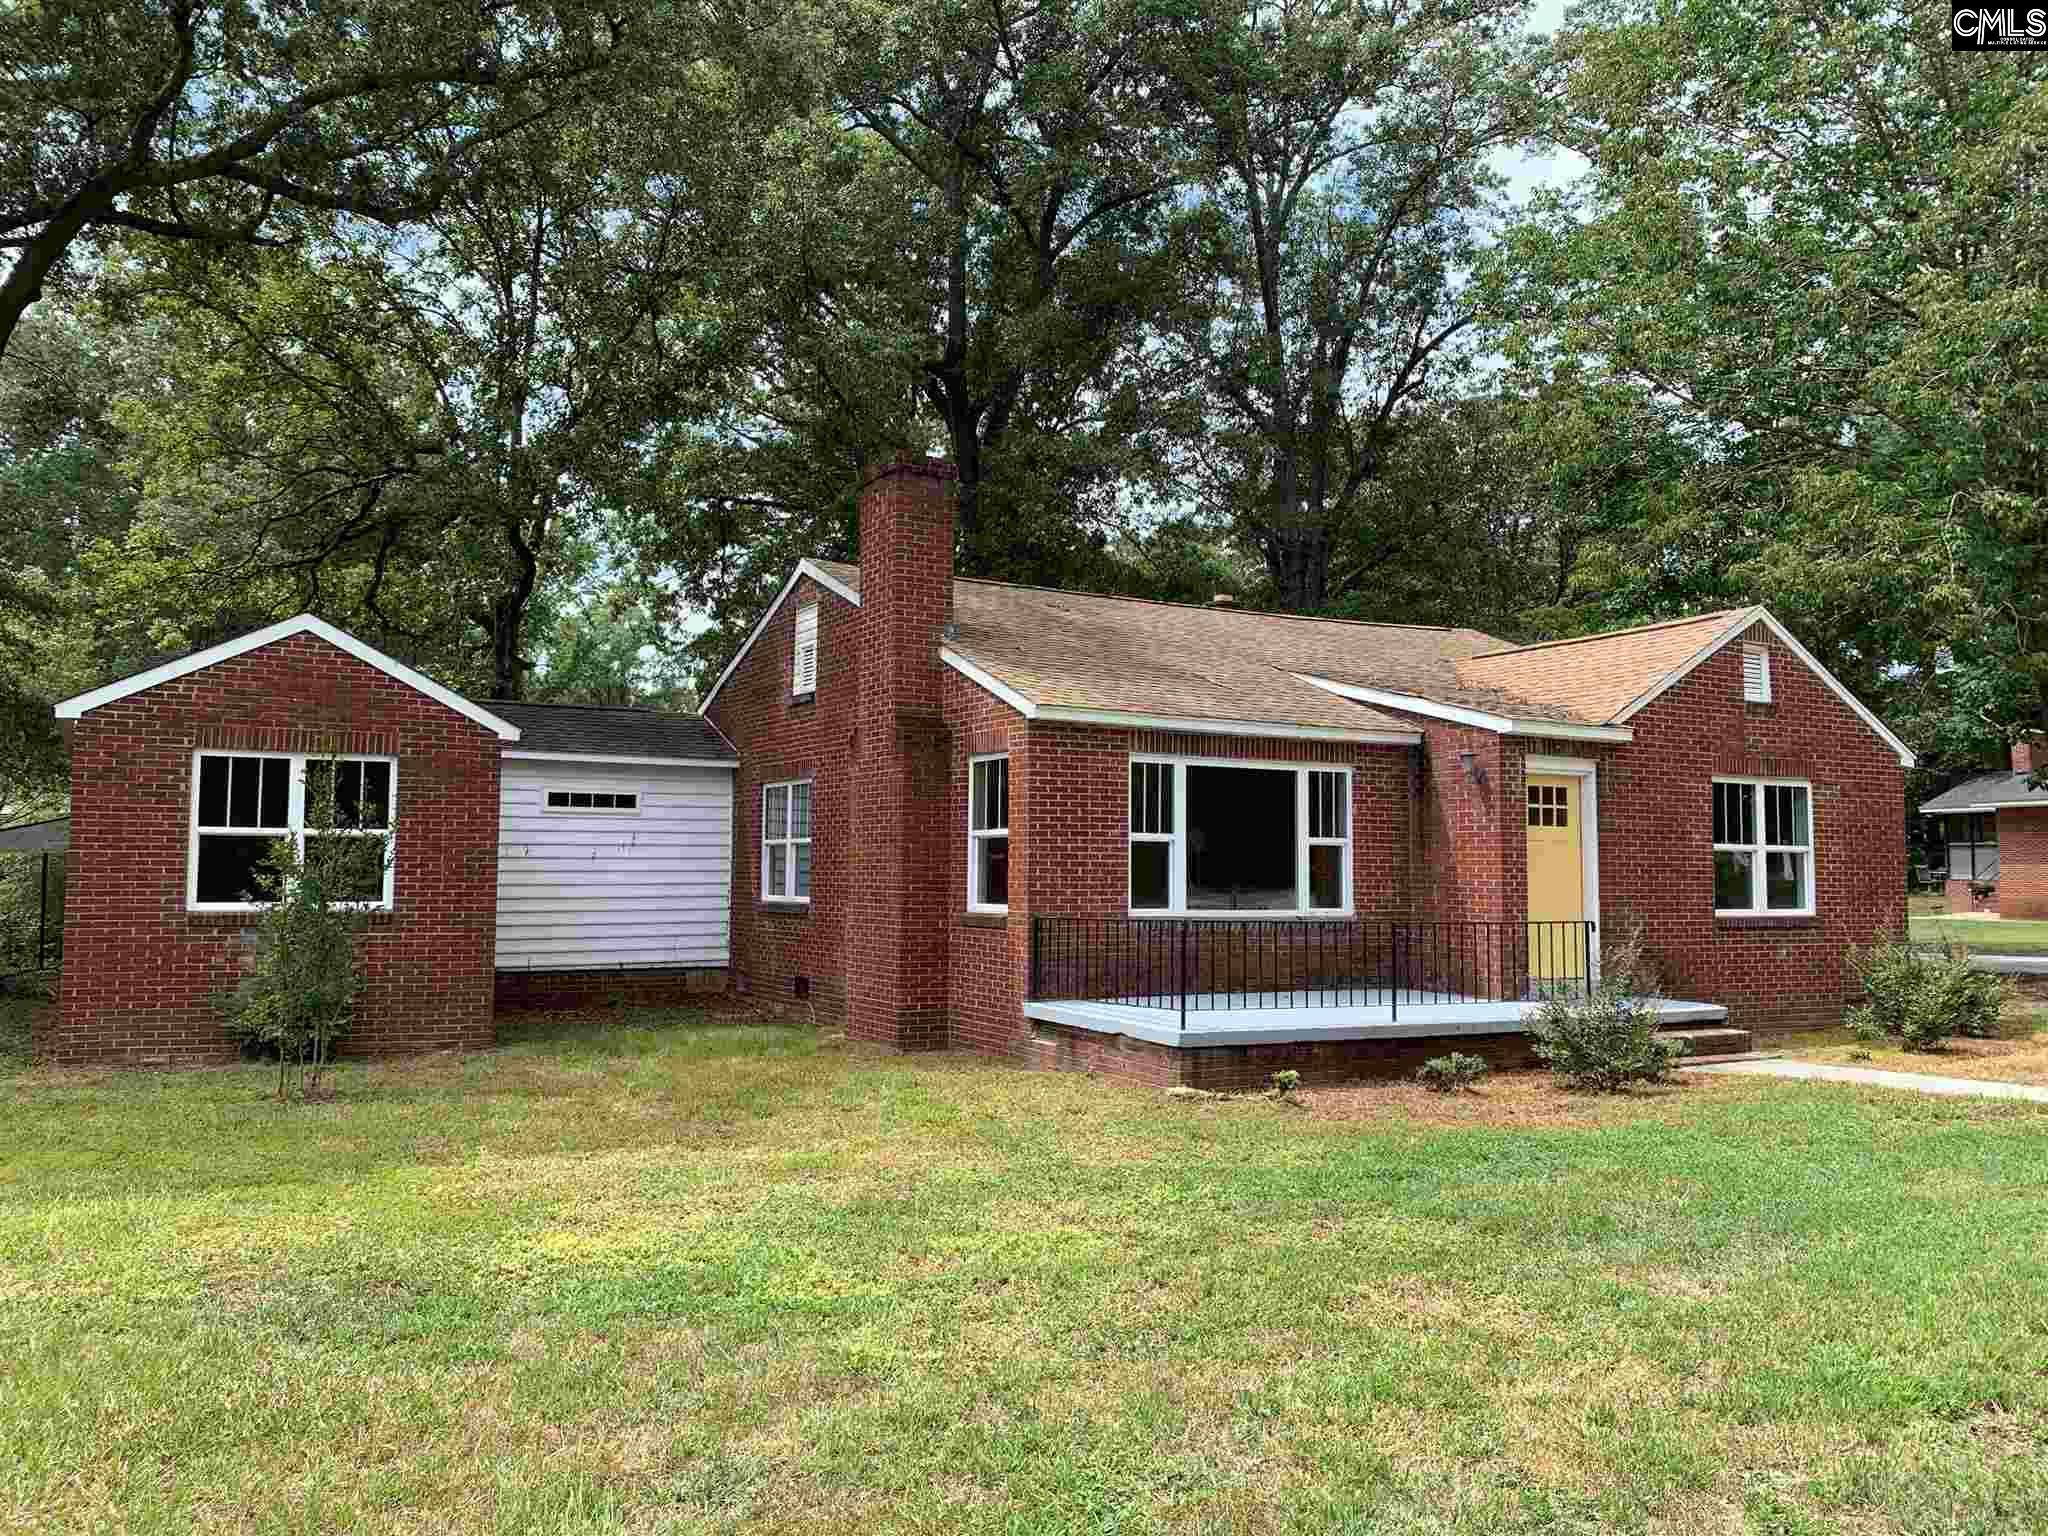 265 Park Dr Lugoff, SC 29078